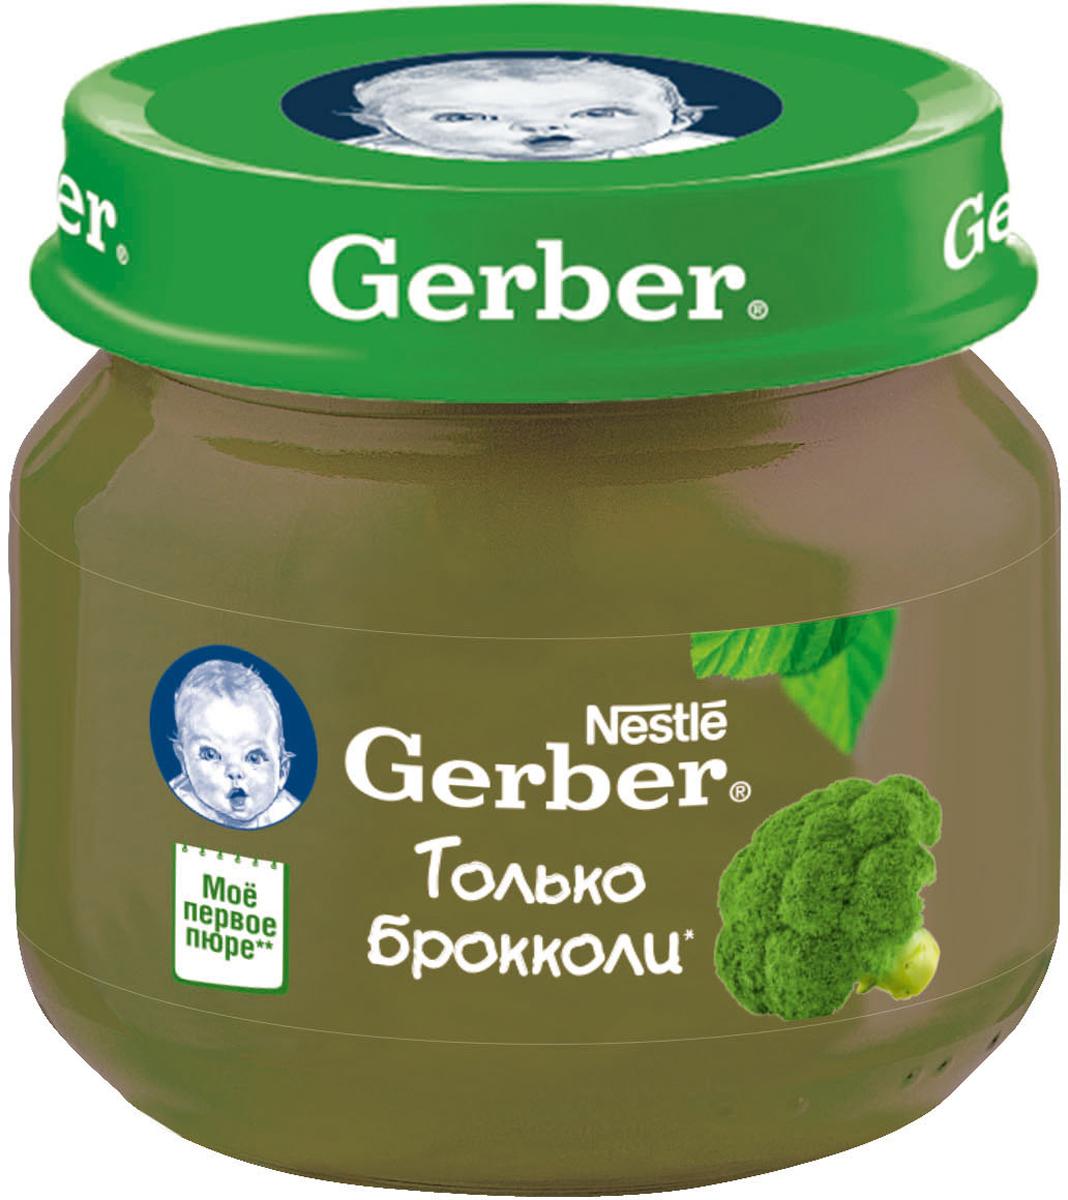 Gerber пюре брокколи, 80 г12305883Однокомпонентные овощные пюре Gerber идеально подходят для первого прикорма. Овощное пюре Gerber брокколи - это первое знакомство малыша с разнообразием вкусов, приготовленное из натуральных овощей, богато клетчаткой, органическими кислотами, витаминами